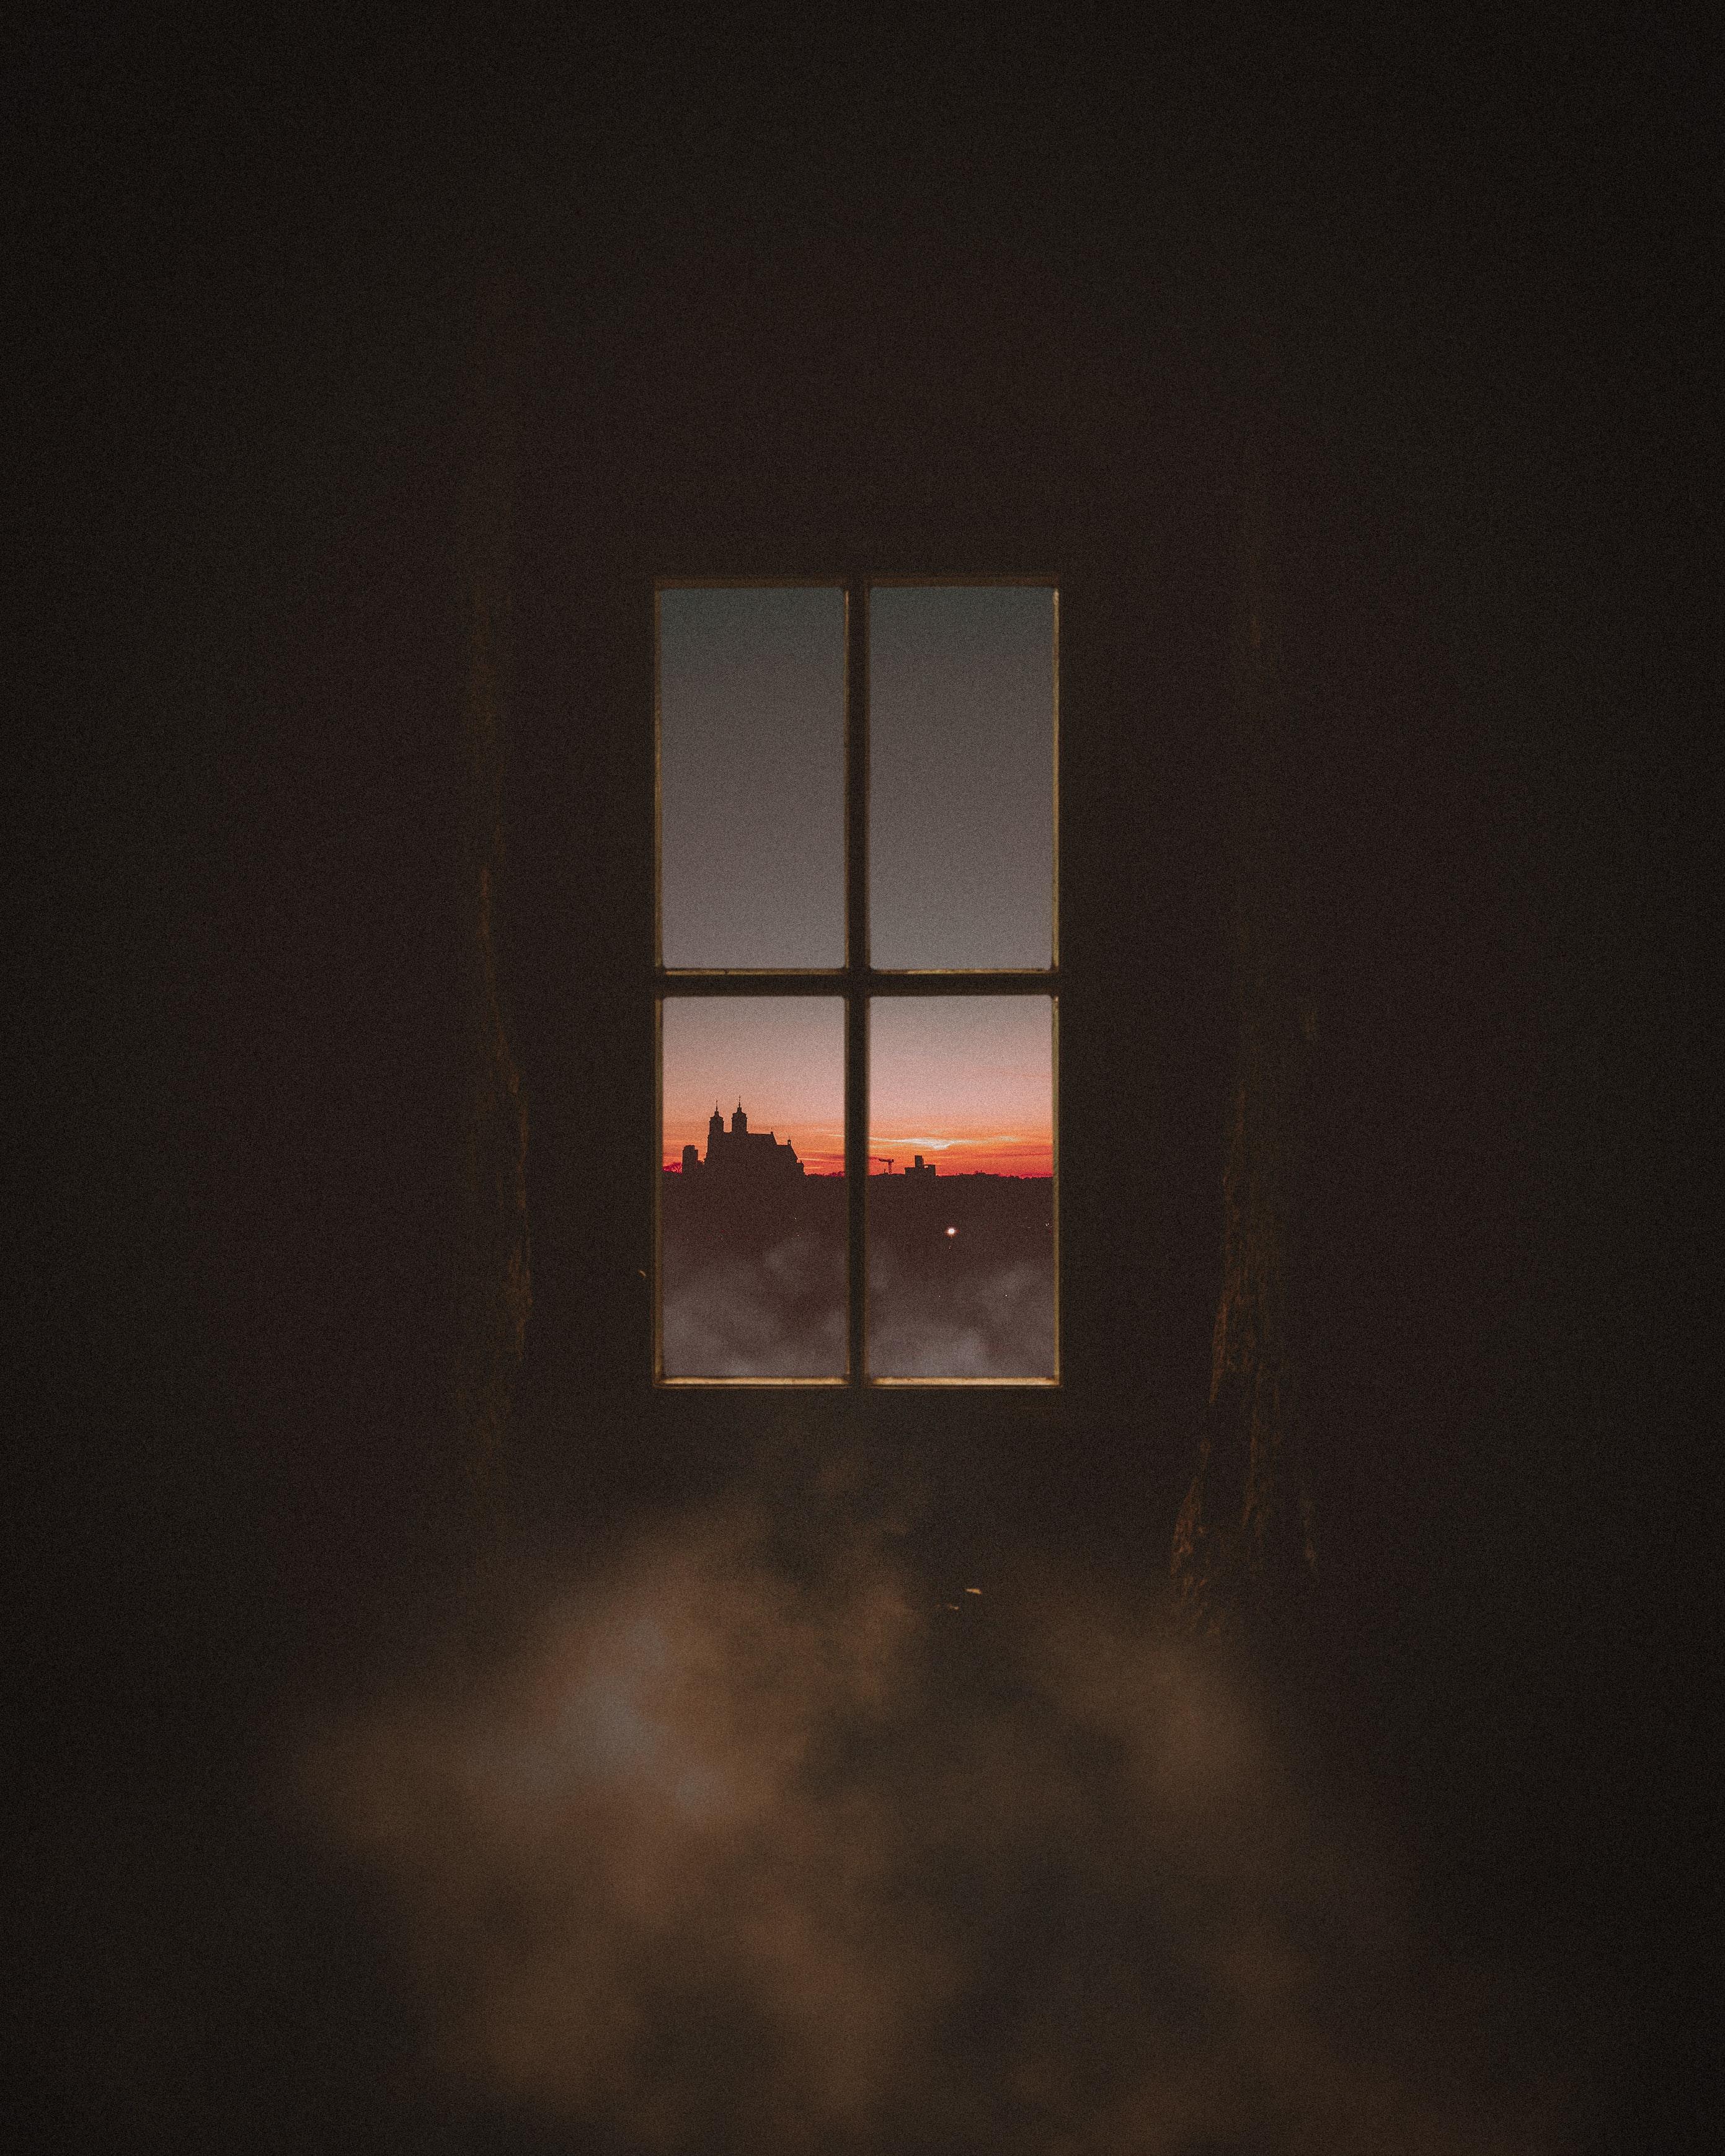 108667 скачать обои Темные, Темнота, Окно, Темный, Дым, Вид - заставки и картинки бесплатно